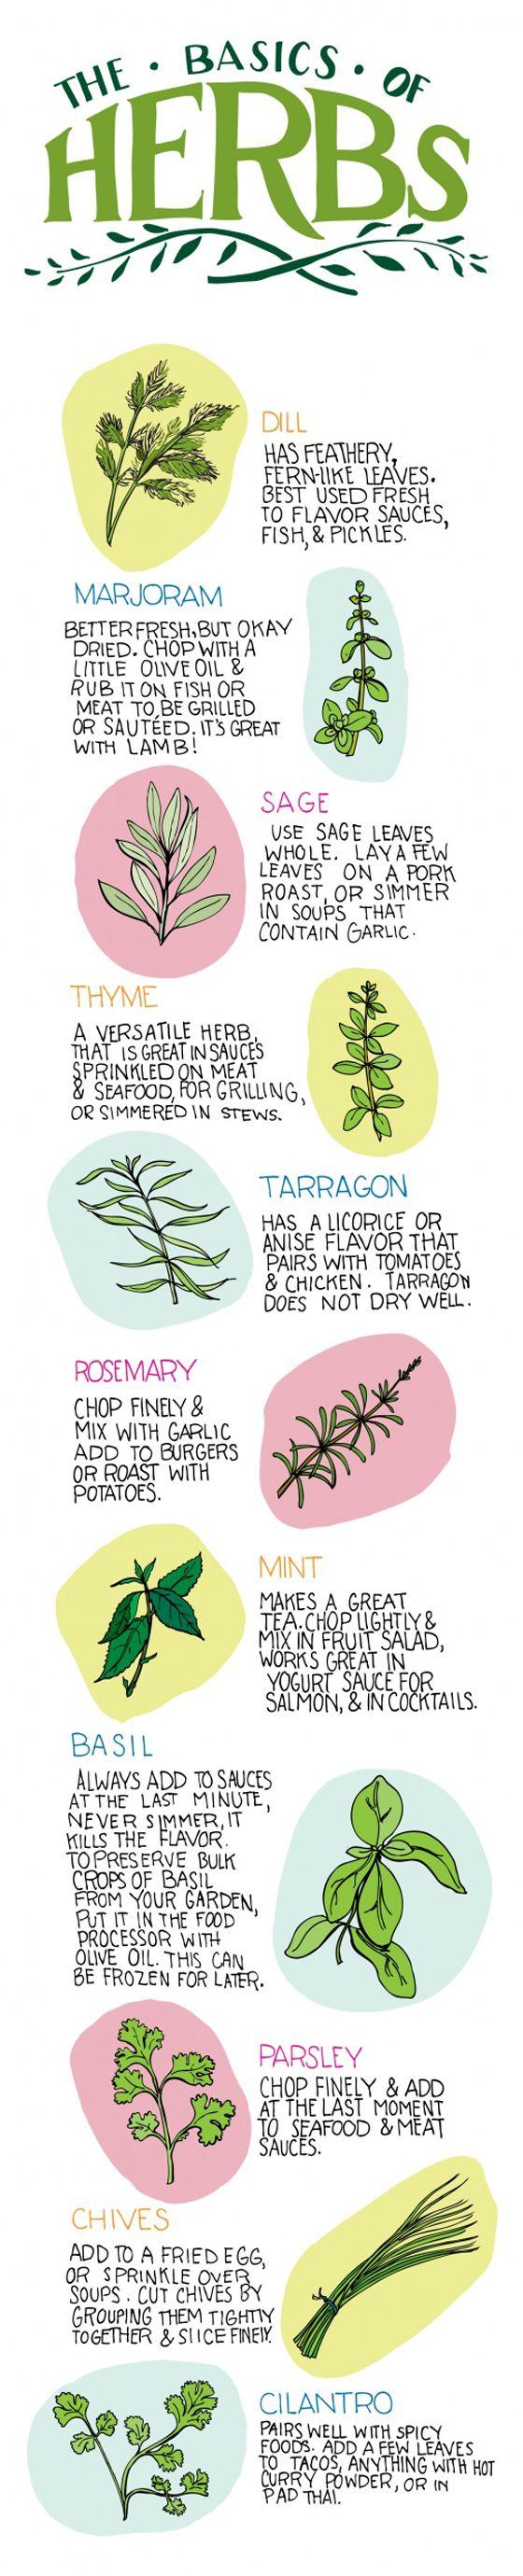 The-Basics-of-Herbs-Illustrated-Bites-Design-Crush.jpg (560×2760)